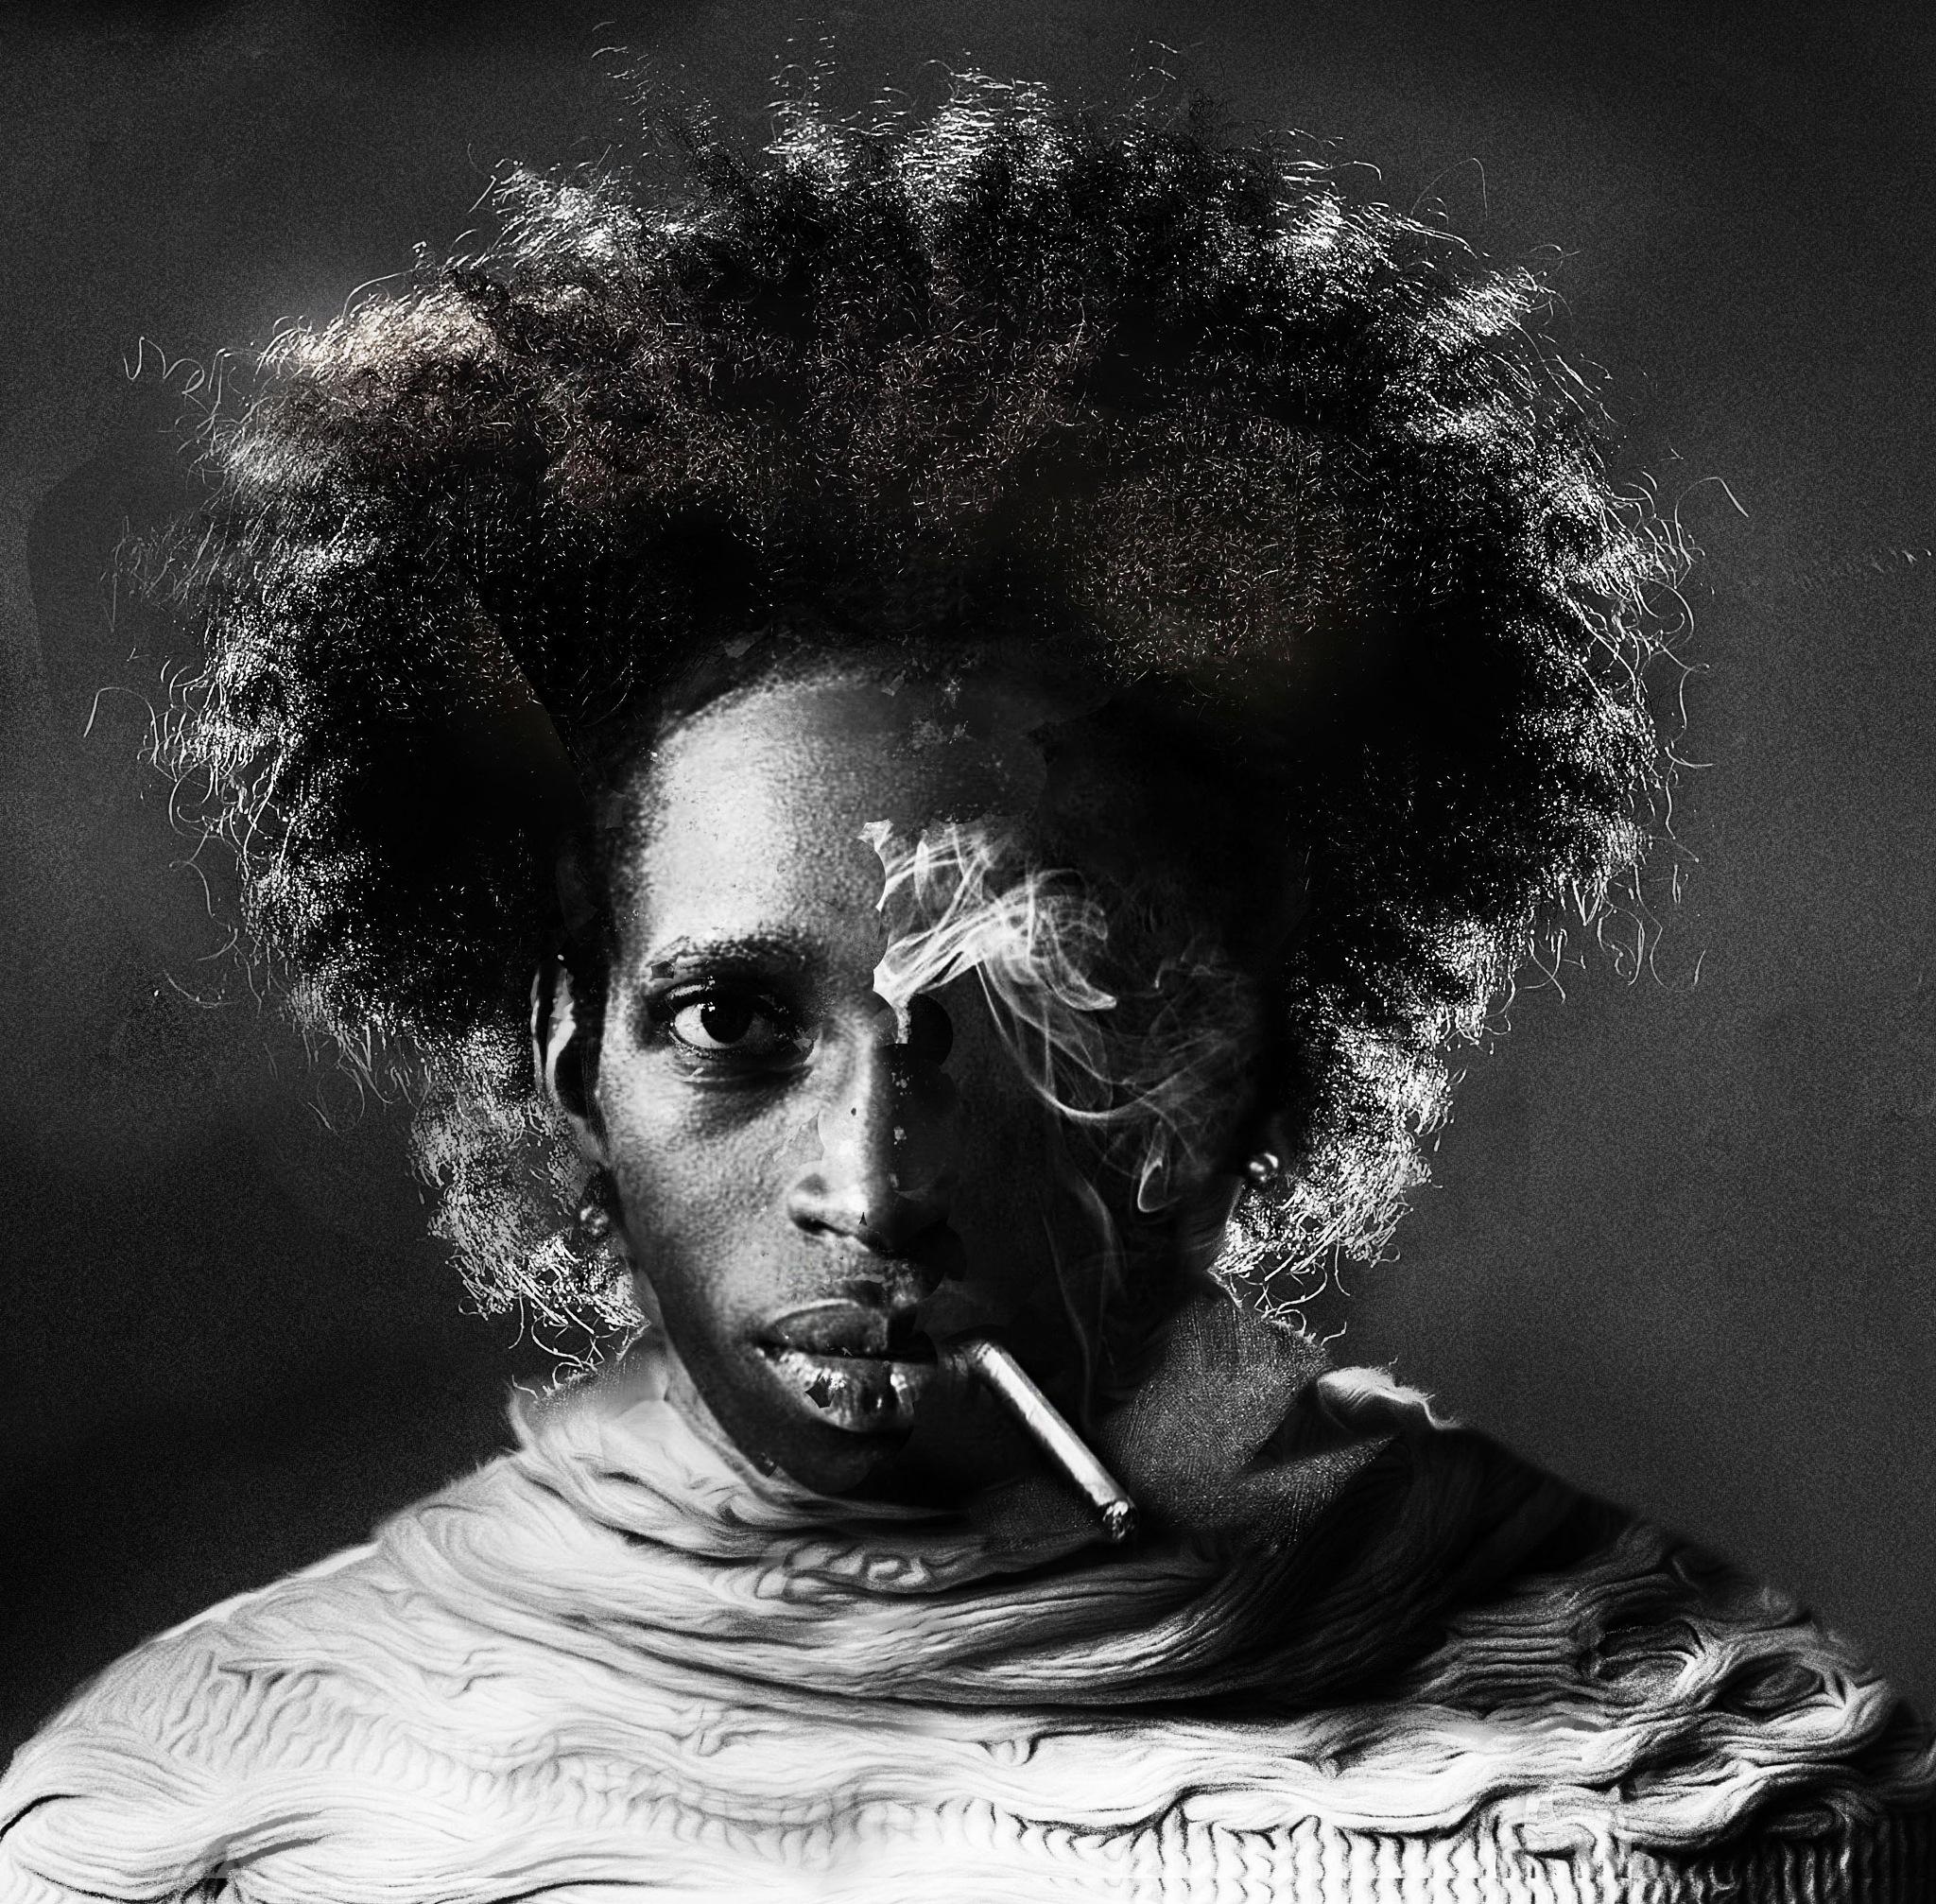 smoking by Nicolaas Porter